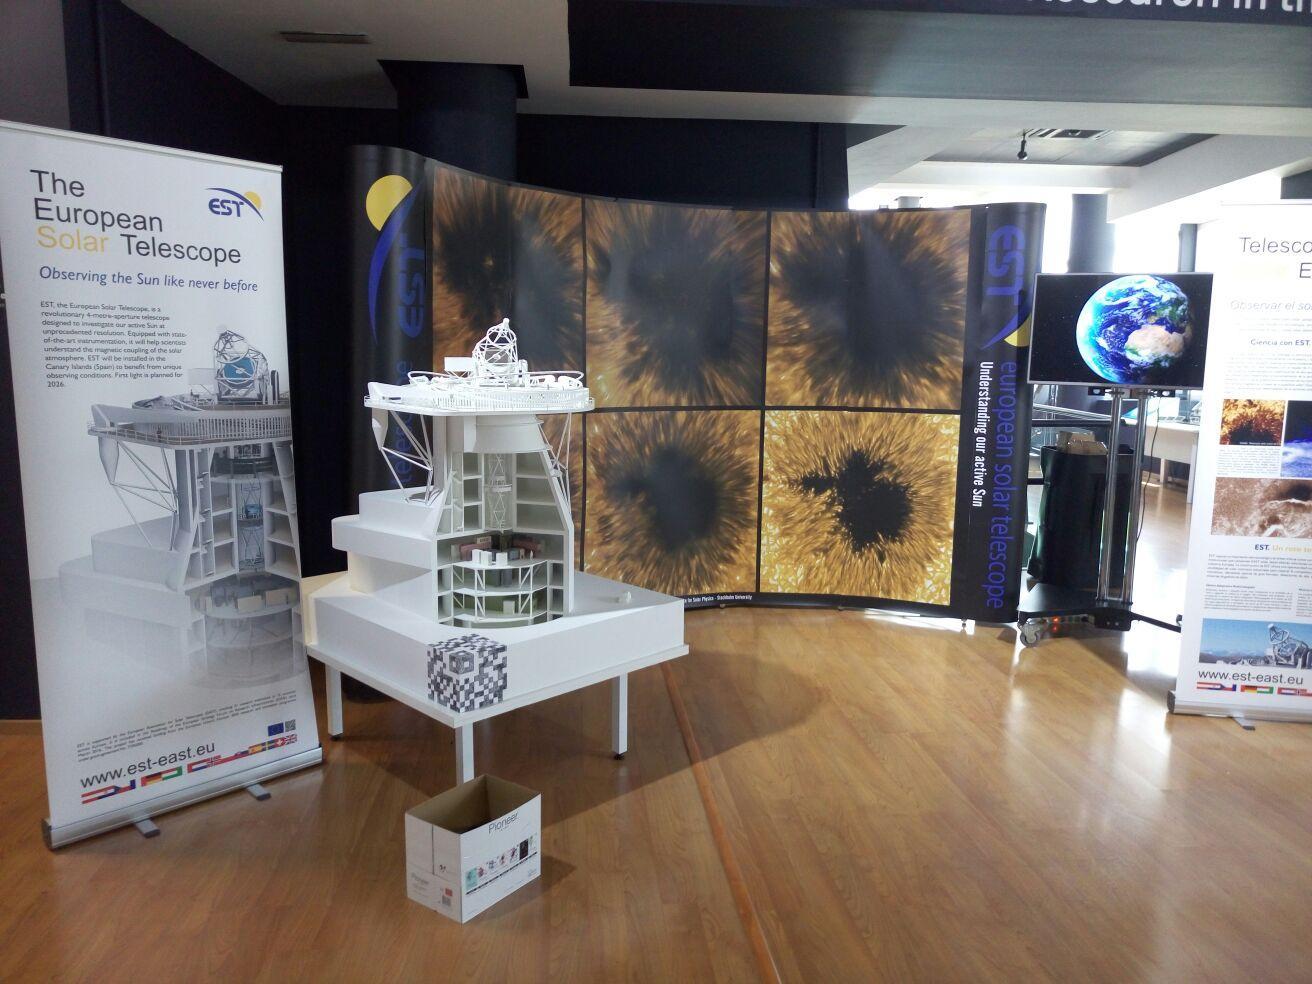 Il Telescopio Solare Europeo: EST